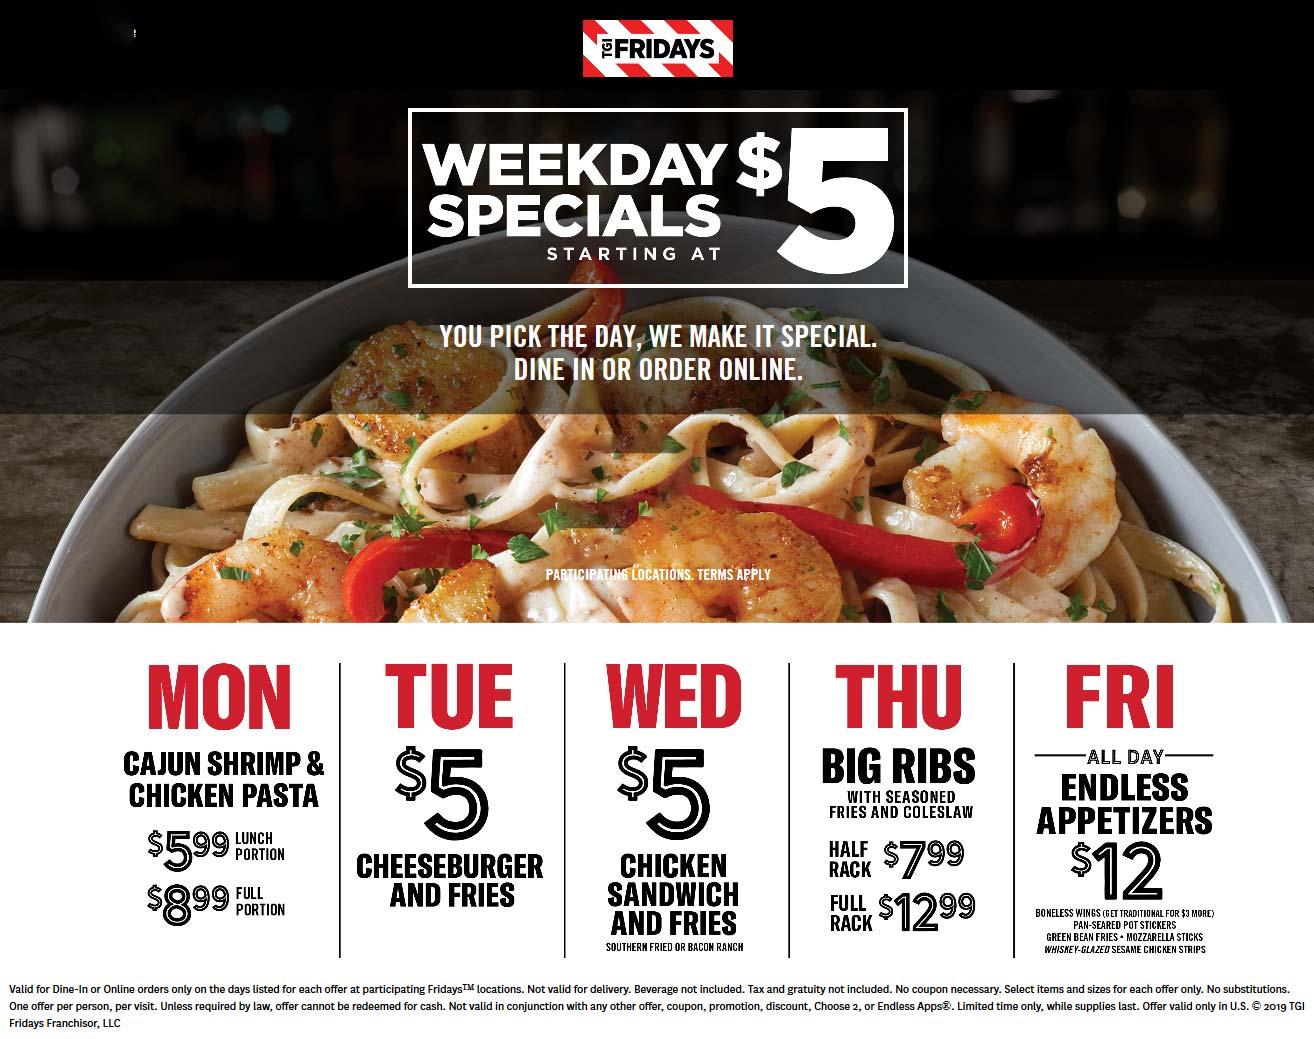 TGI Fridays Coupon November 2019 $5 cheeseburger + fries, chicken sandwich & more weekdays at TGI Fridays